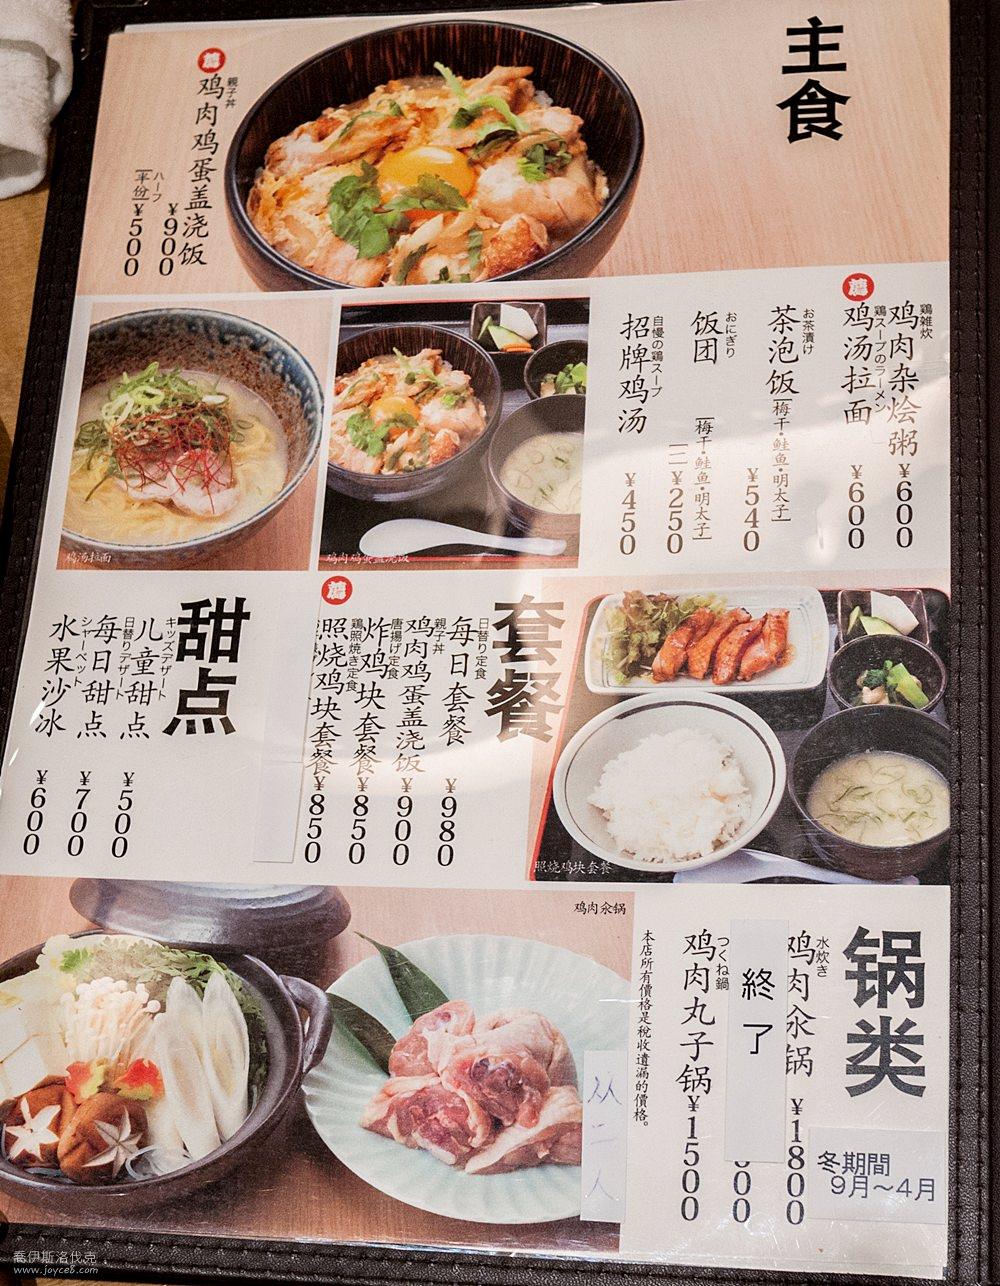 東京車站一雞菜單,東京車站一雞中文菜單,東京車站一番街一雞菜單,焼きとり 一鶏menu,東京駅一鶏menu